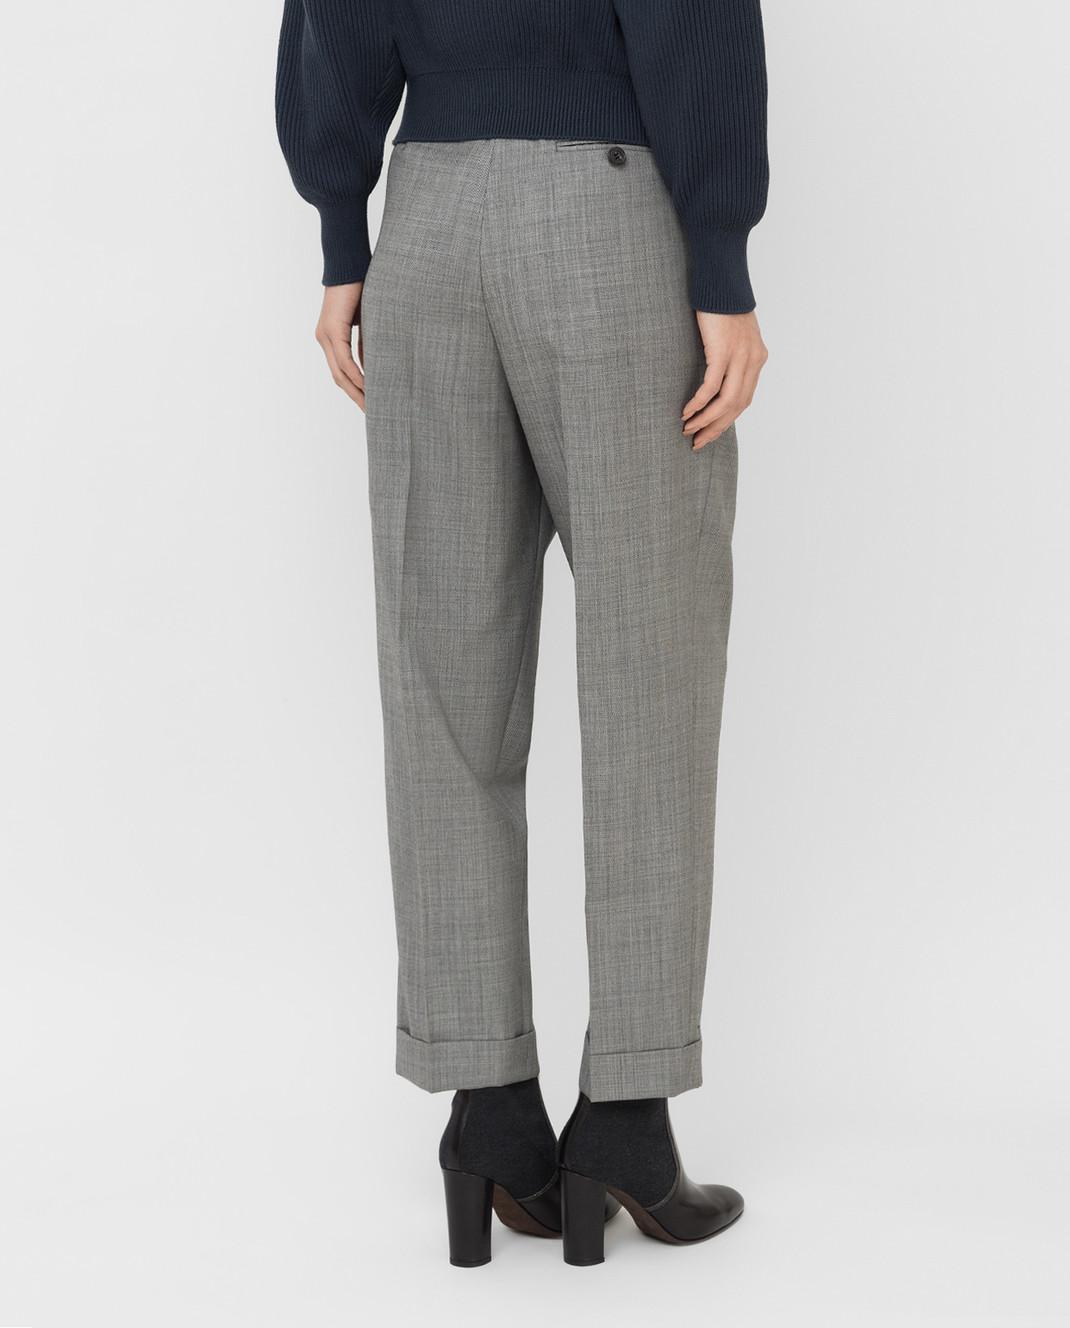 Victoria Beckham Серые брюки из шерсти TRTPR2600B изображение 4